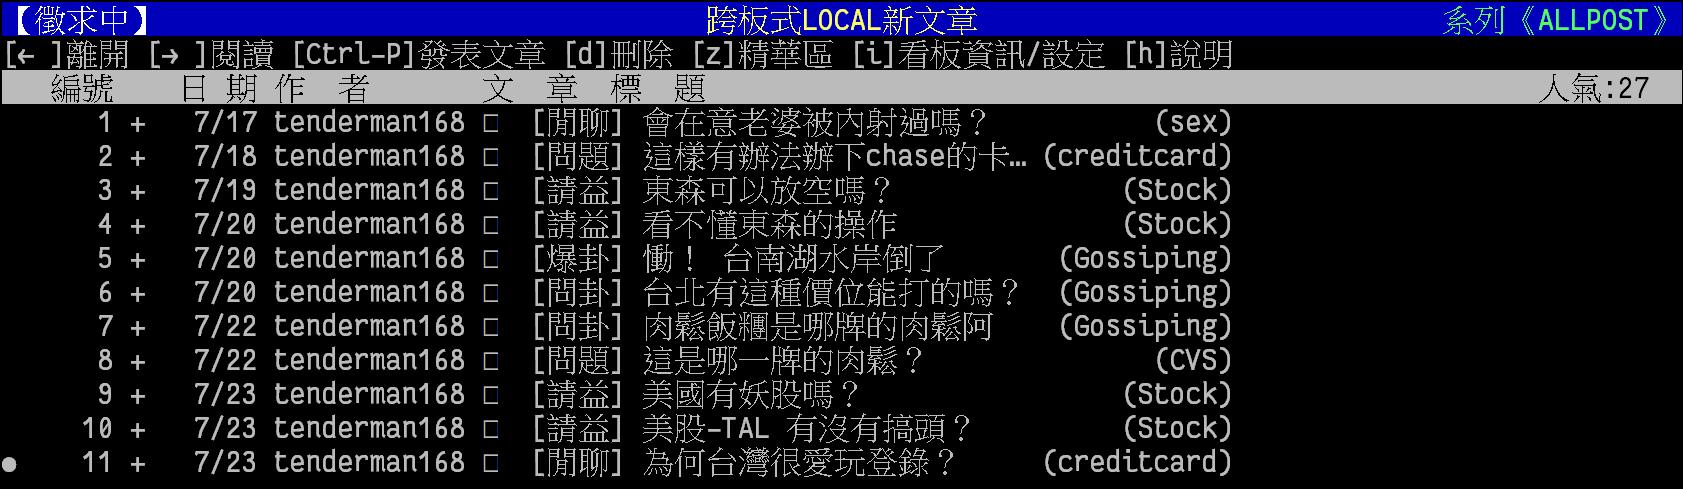 [閒聊] 為何台灣很愛玩登錄?